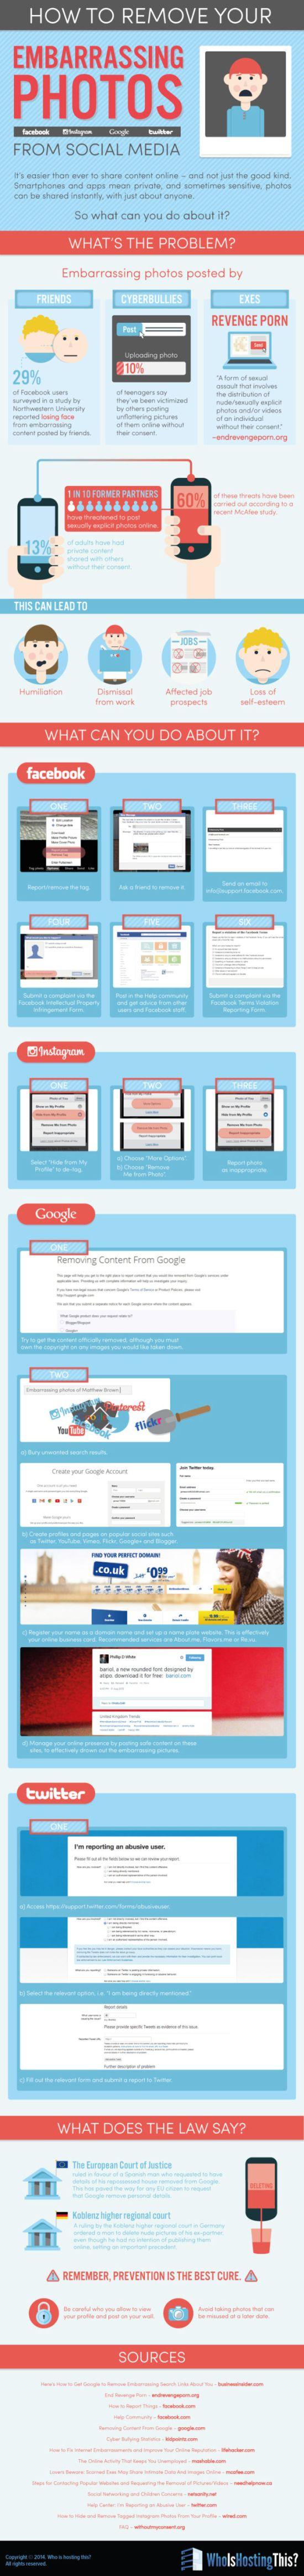 Infographic-verwijder-fotos-van-social-media